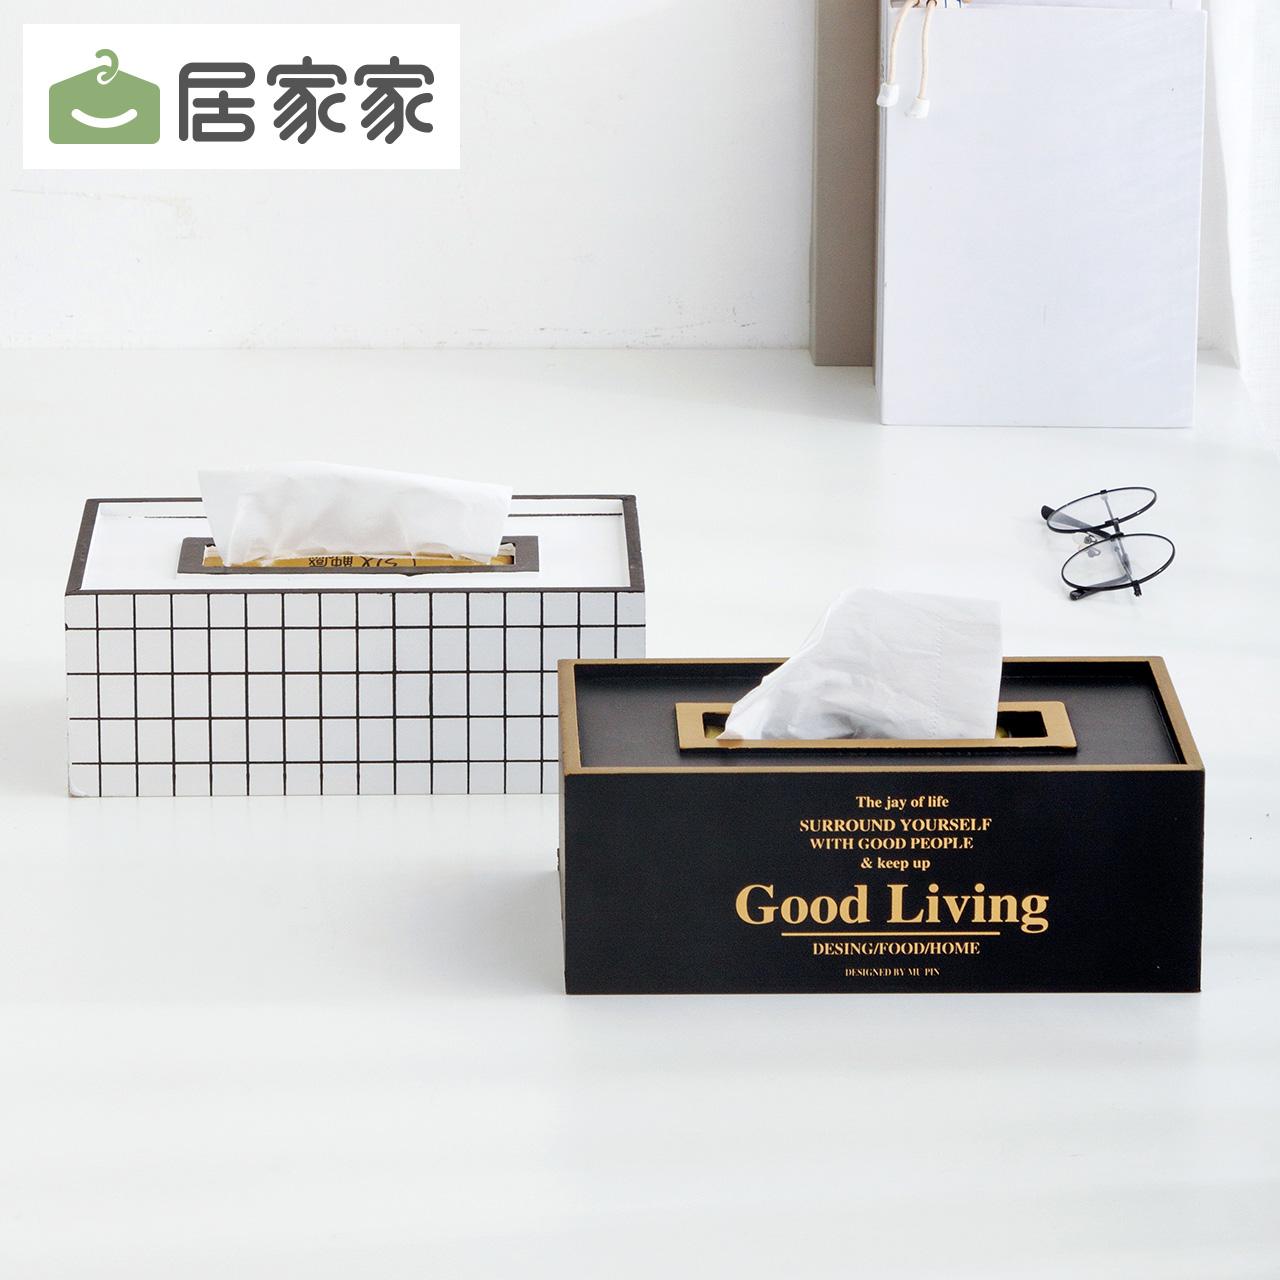 居家家北欧纸巾盒创意抽纸盒家用客厅餐巾纸盒桌面欧式简约收纳盒